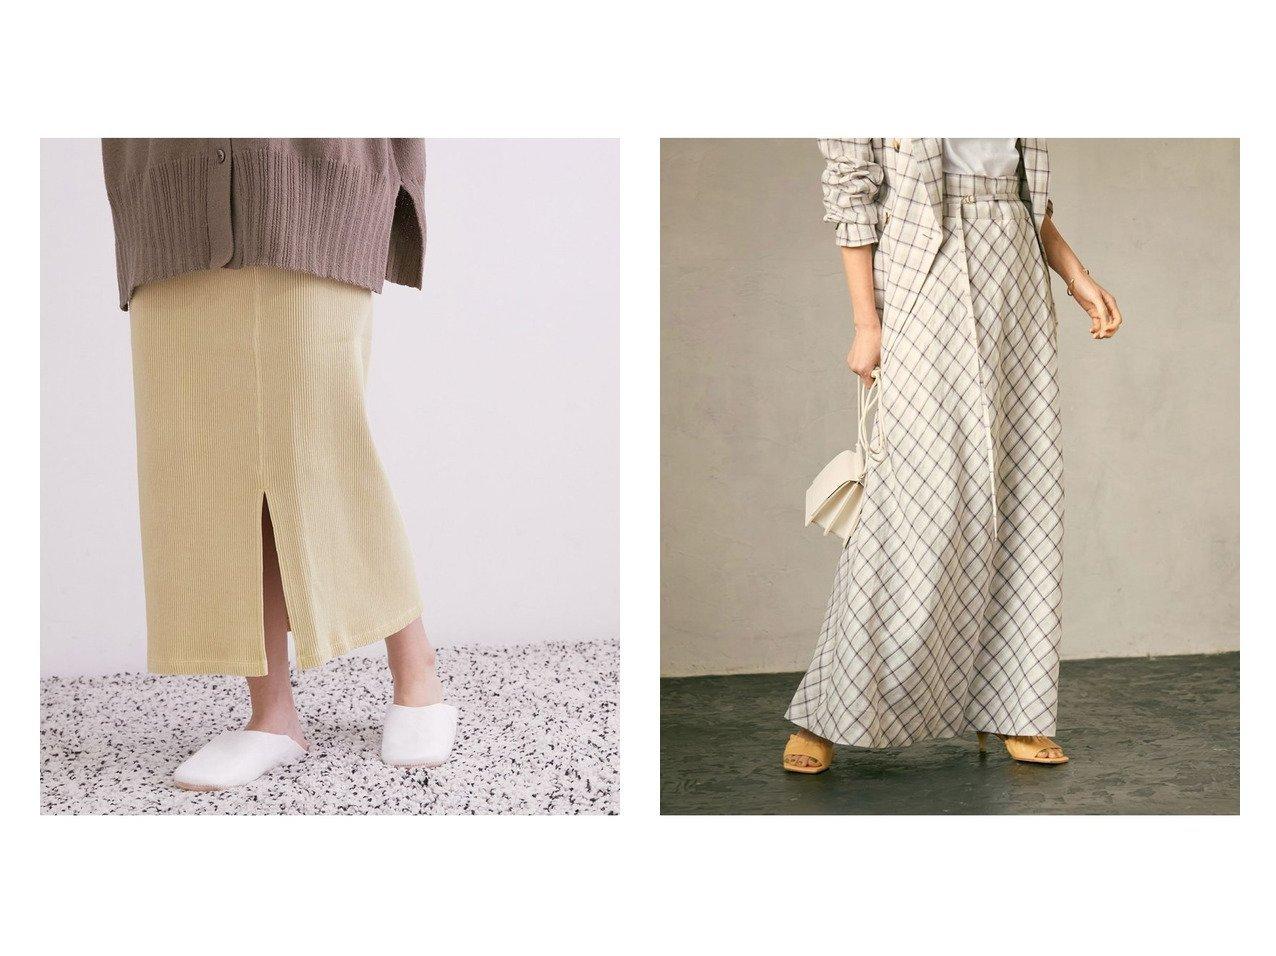 【ROPE/ロペ】の【セット対応】リネンマキシ巻きスカート&【SALON adam et rope/サロン アダム エ ロペ】の【セットアップ対応】ヴィンテージライクリブタイトスカート スカートのおすすめ!人気、トレンド・レディースファッションの通販 おすすめで人気の流行・トレンド、ファッションの通販商品 メンズファッション・キッズファッション・インテリア・家具・レディースファッション・服の通販 founy(ファニー) https://founy.com/ ファッション Fashion レディースファッション WOMEN スカート Skirt セットアップ Setup スカート Skirt ジャケット スリット チェック ポケット マキシ リネン リラックス NEW・新作・新着・新入荷 New Arrivals イエロー セットアップ タイツ パーカー ヴィンテージ 冬 Winter |ID:crp329100000011755